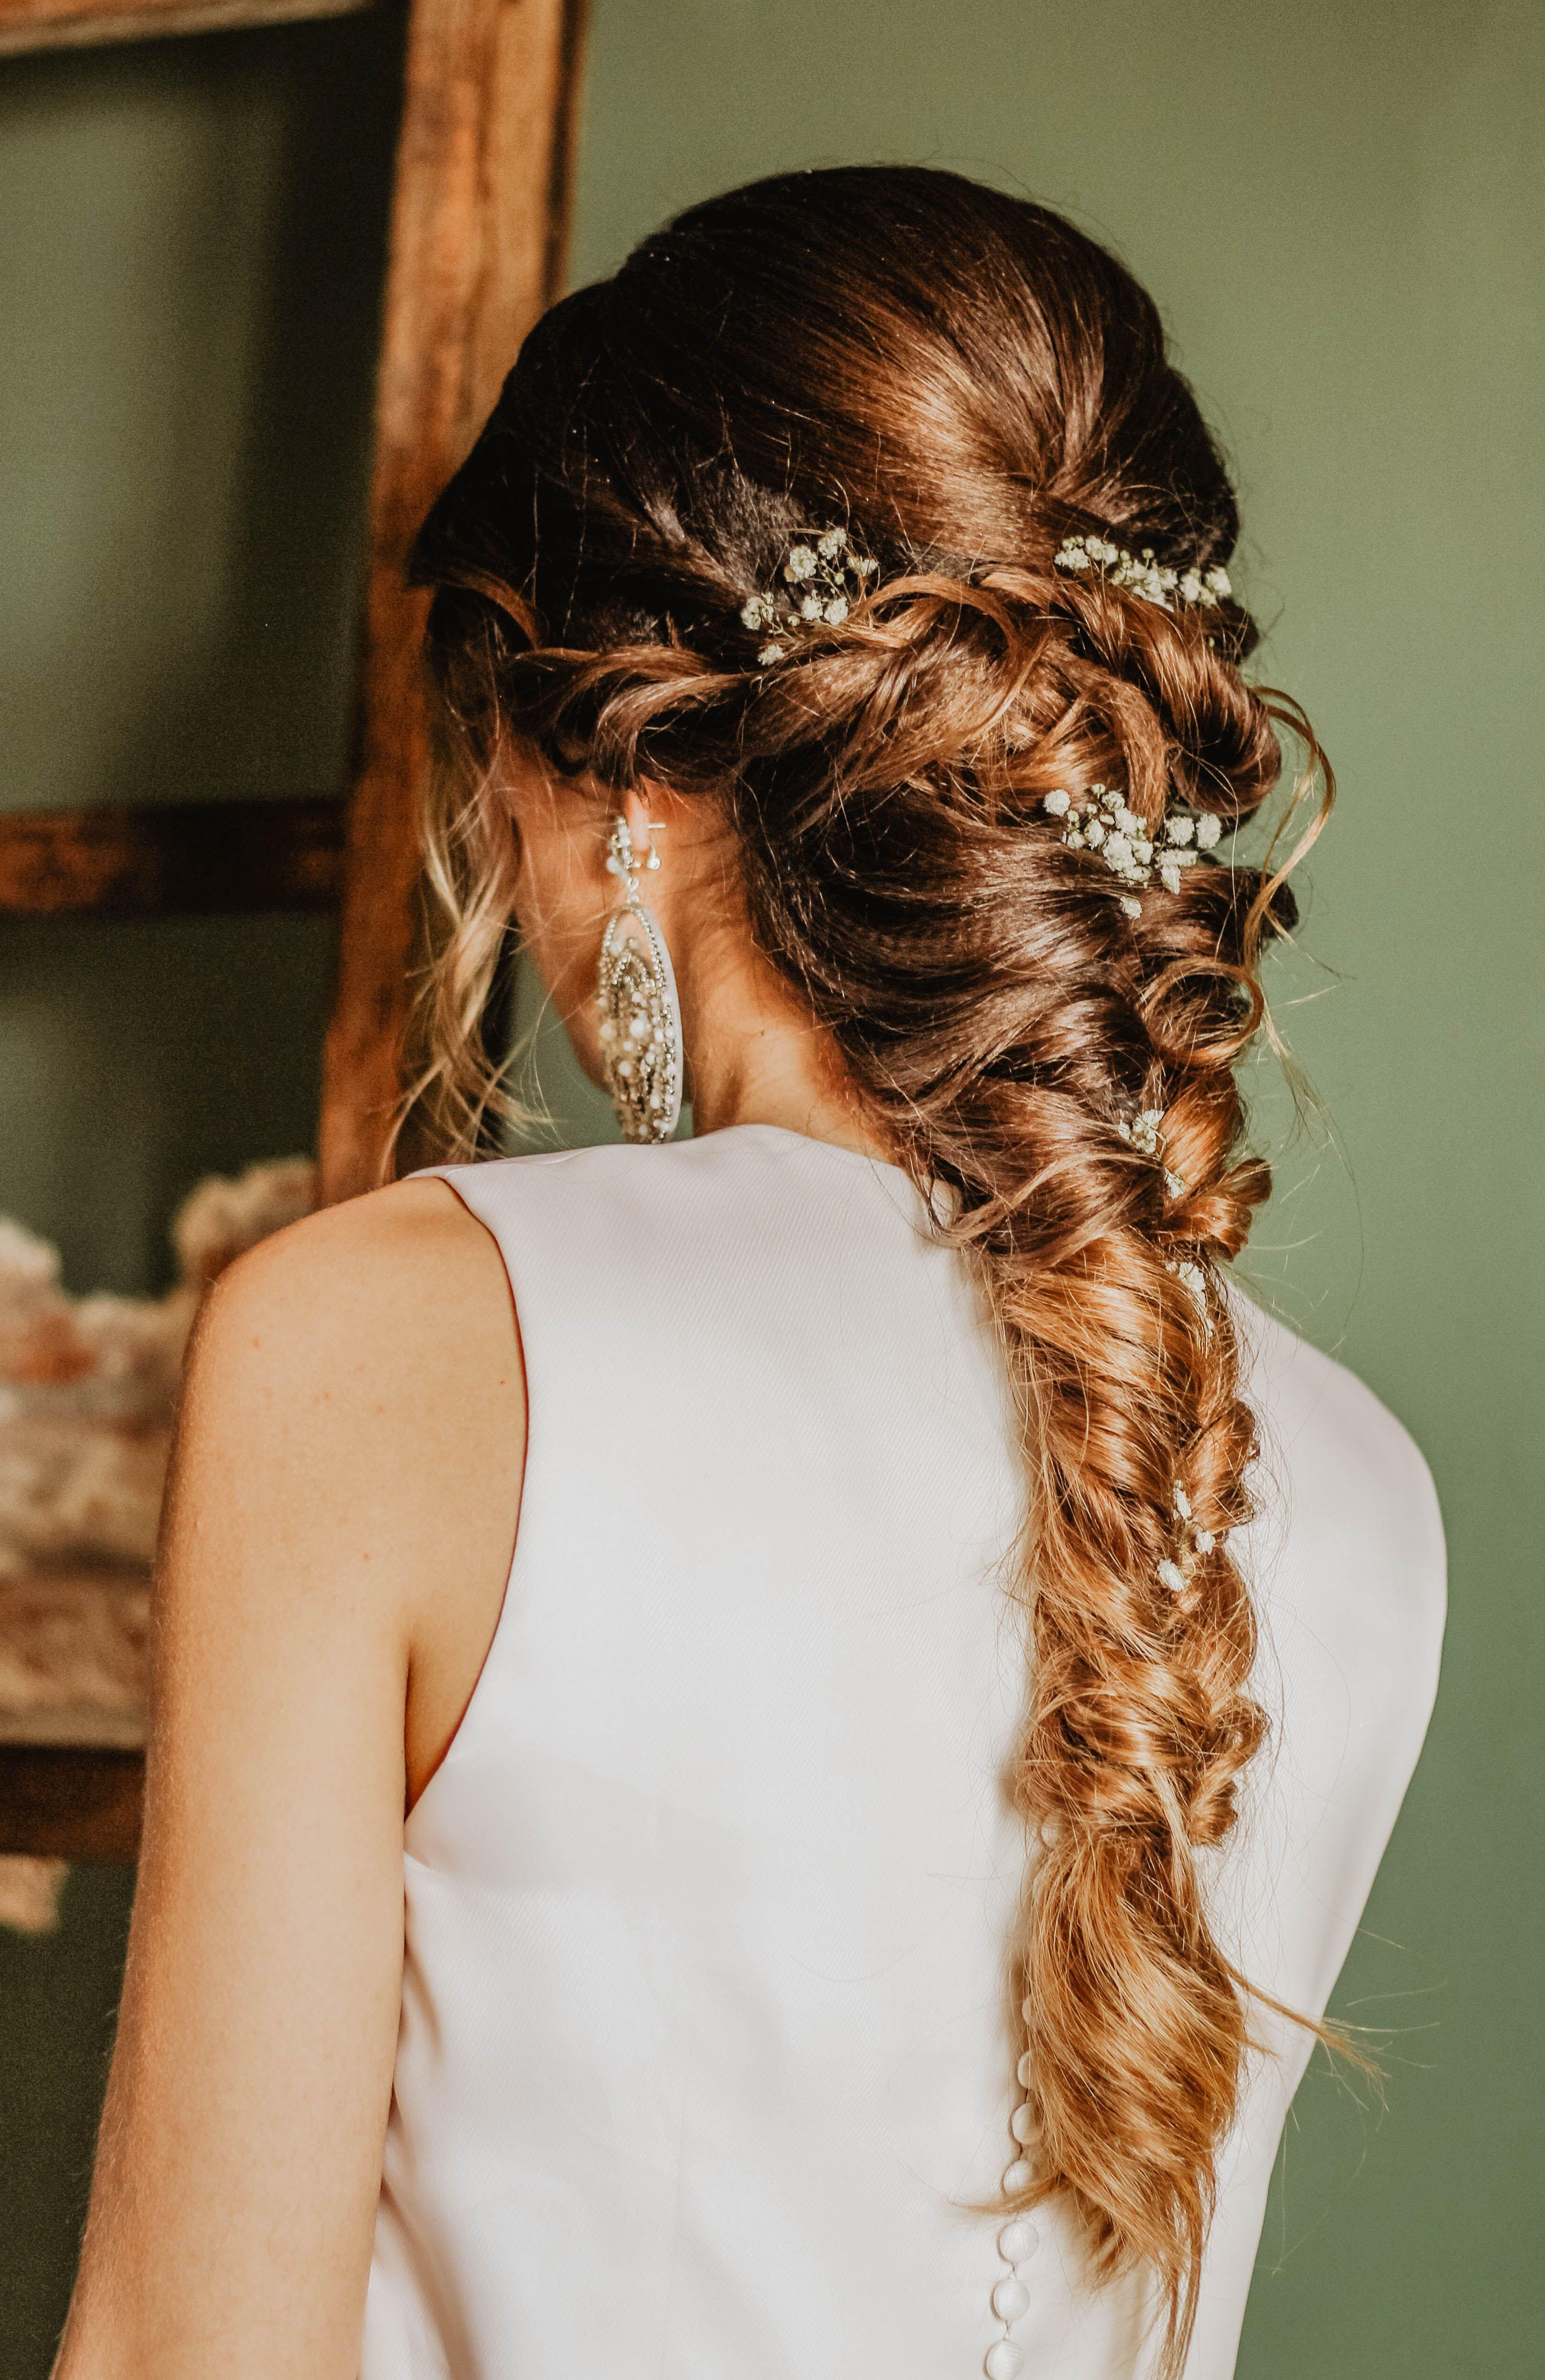 Rodelas lanza una colección de peinados novias y novios